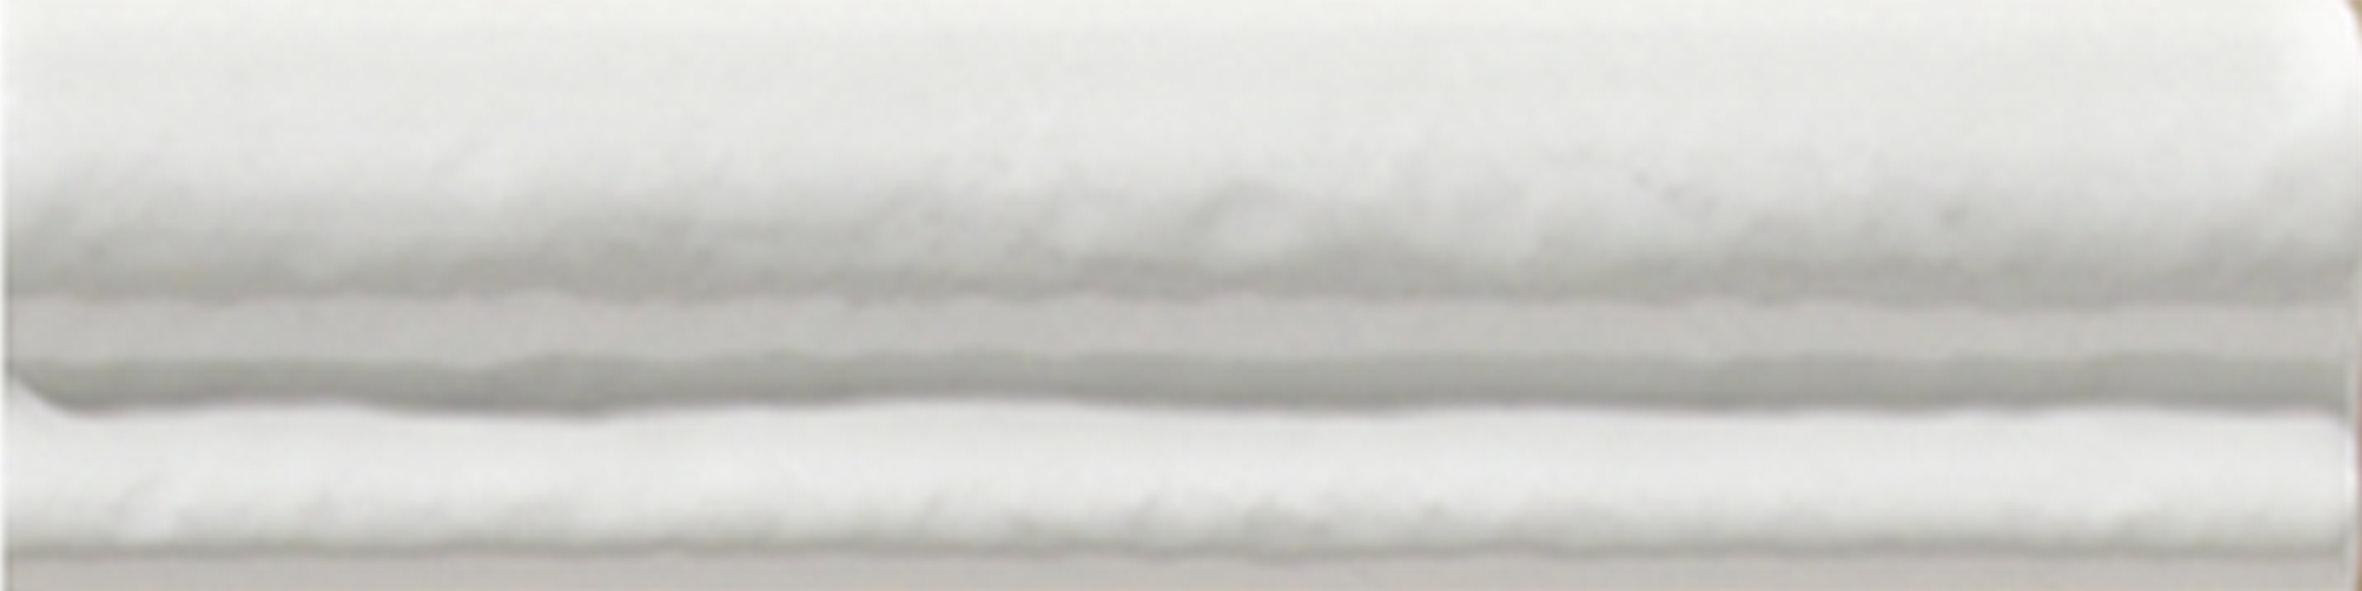 Porte Moldura Patine blanco brillo 4x15 - Hansas Plaadimaailm